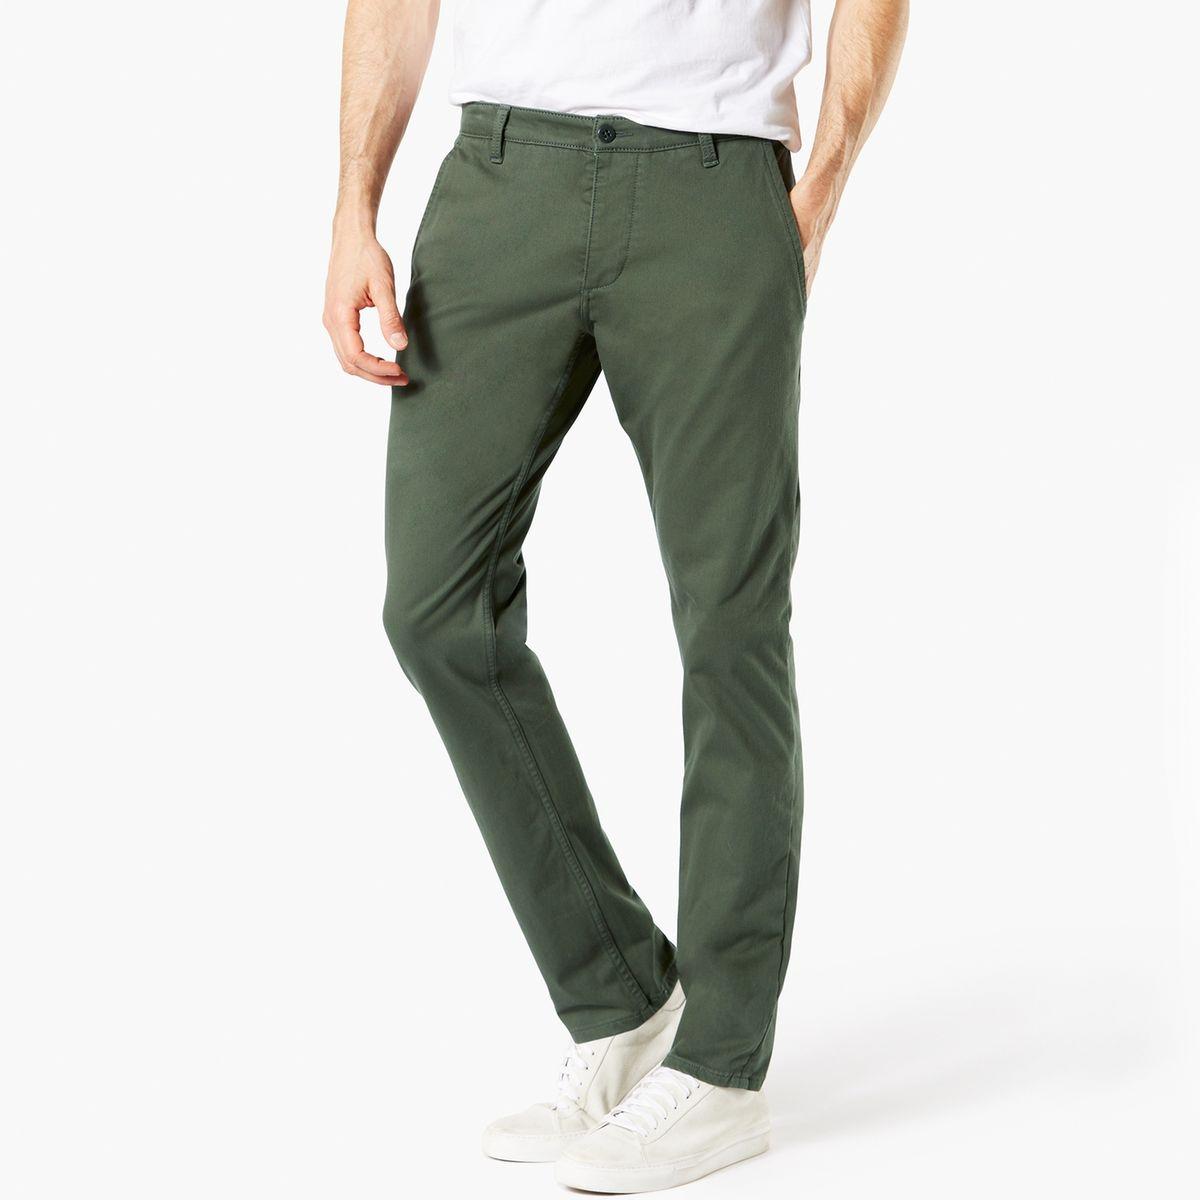 Catégorie Pantalons hommes page 1 - Guide des produits 0940e43445b6